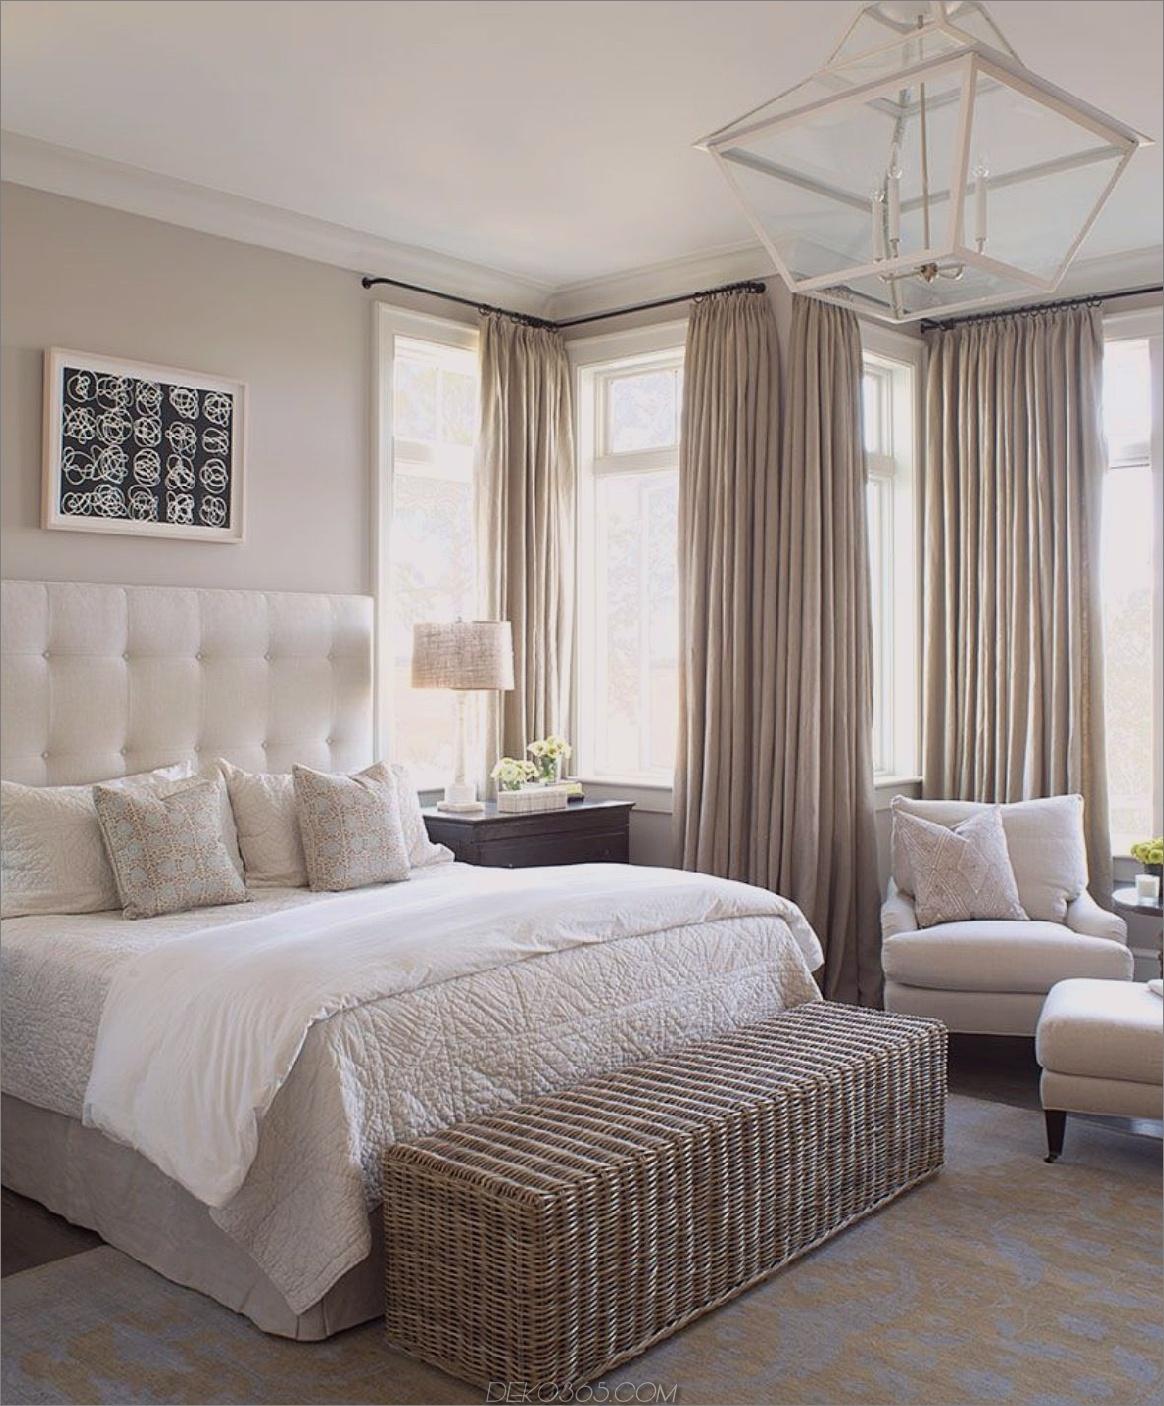 neutral Vorhänge Schlafzimmer Die besten Vorhänge, um Ihr Schlafzimmer zu verbessern